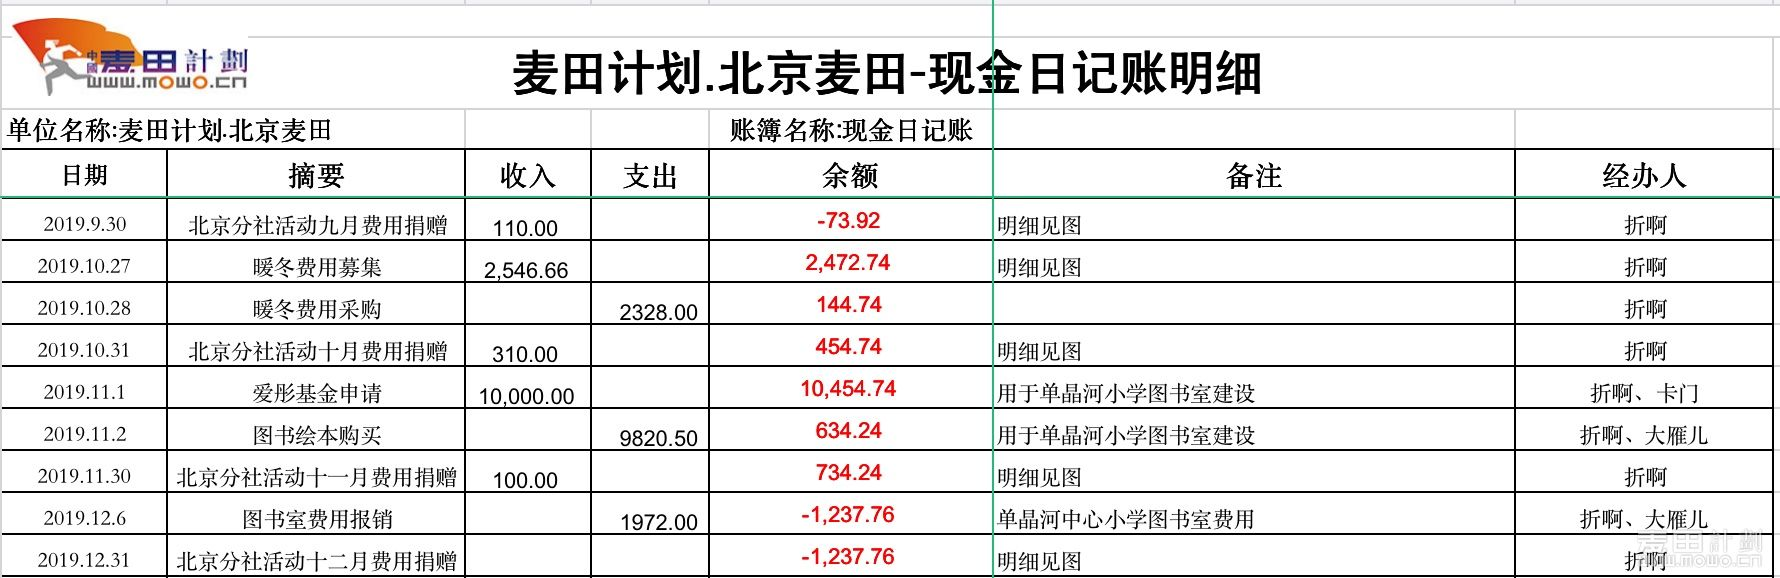 9-12月财务日记明细.JPG